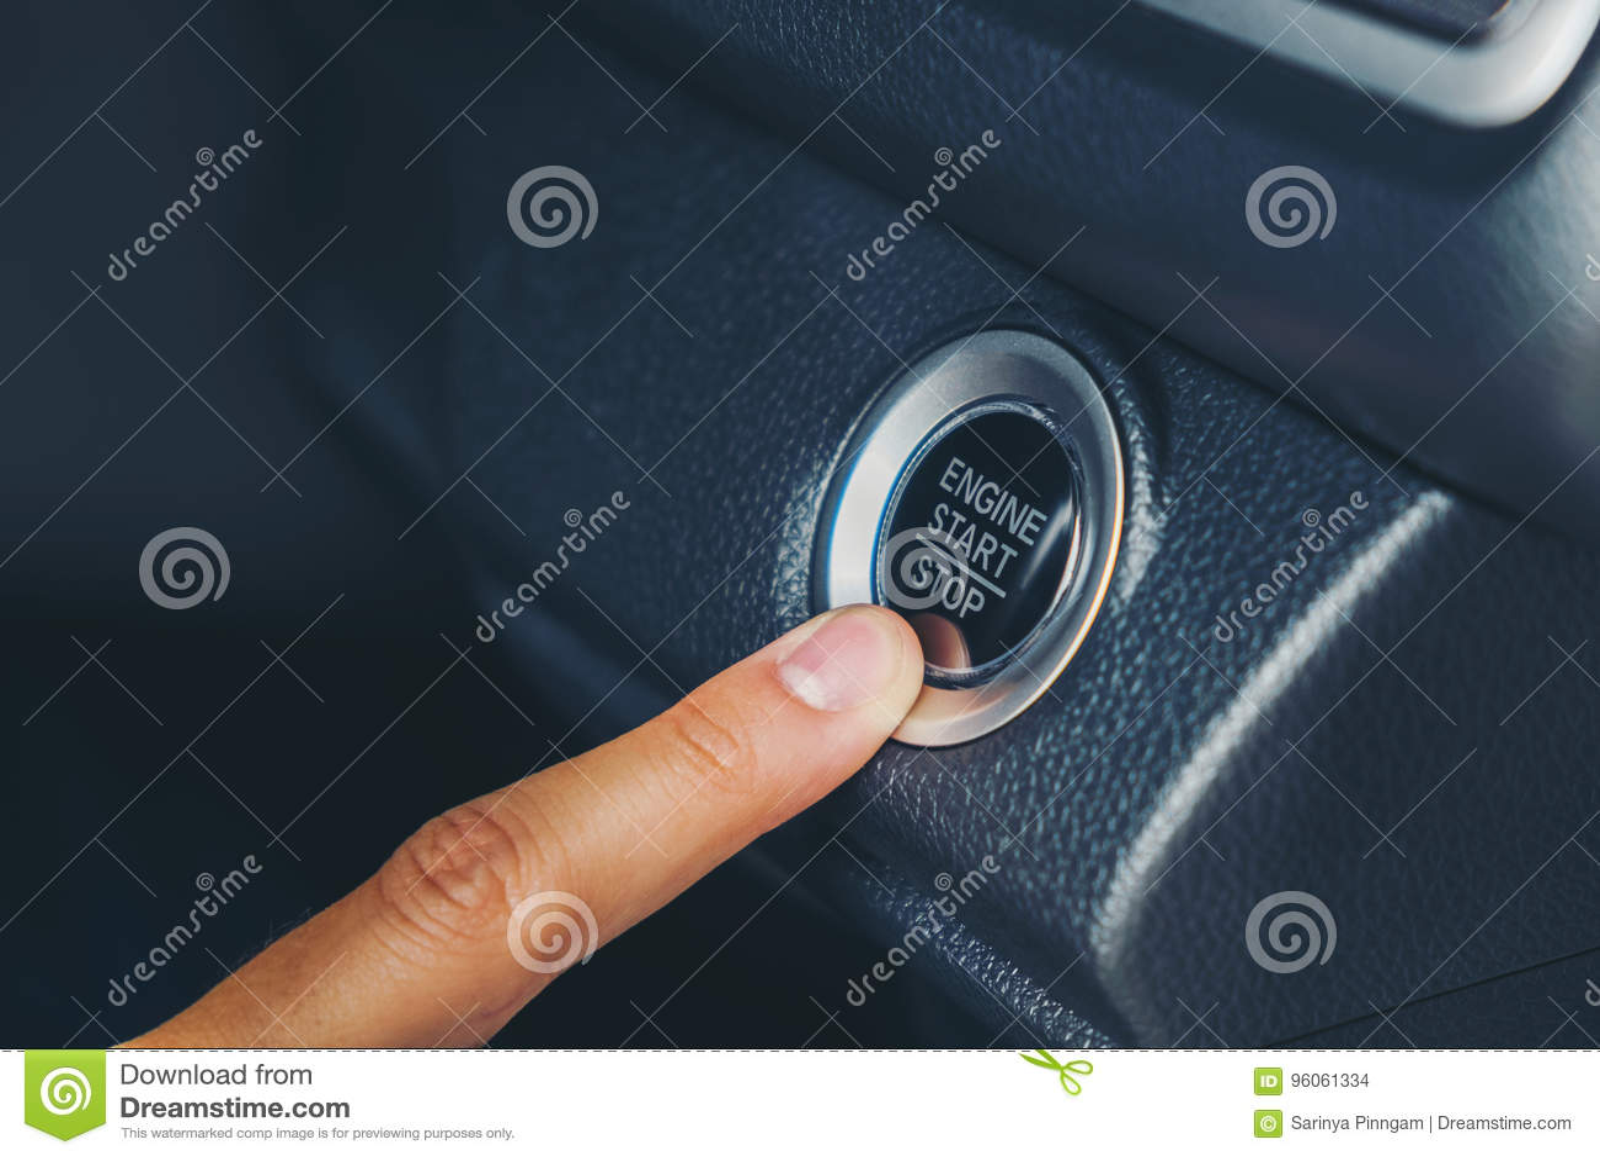 Bouton marche de moteur sur la voiture